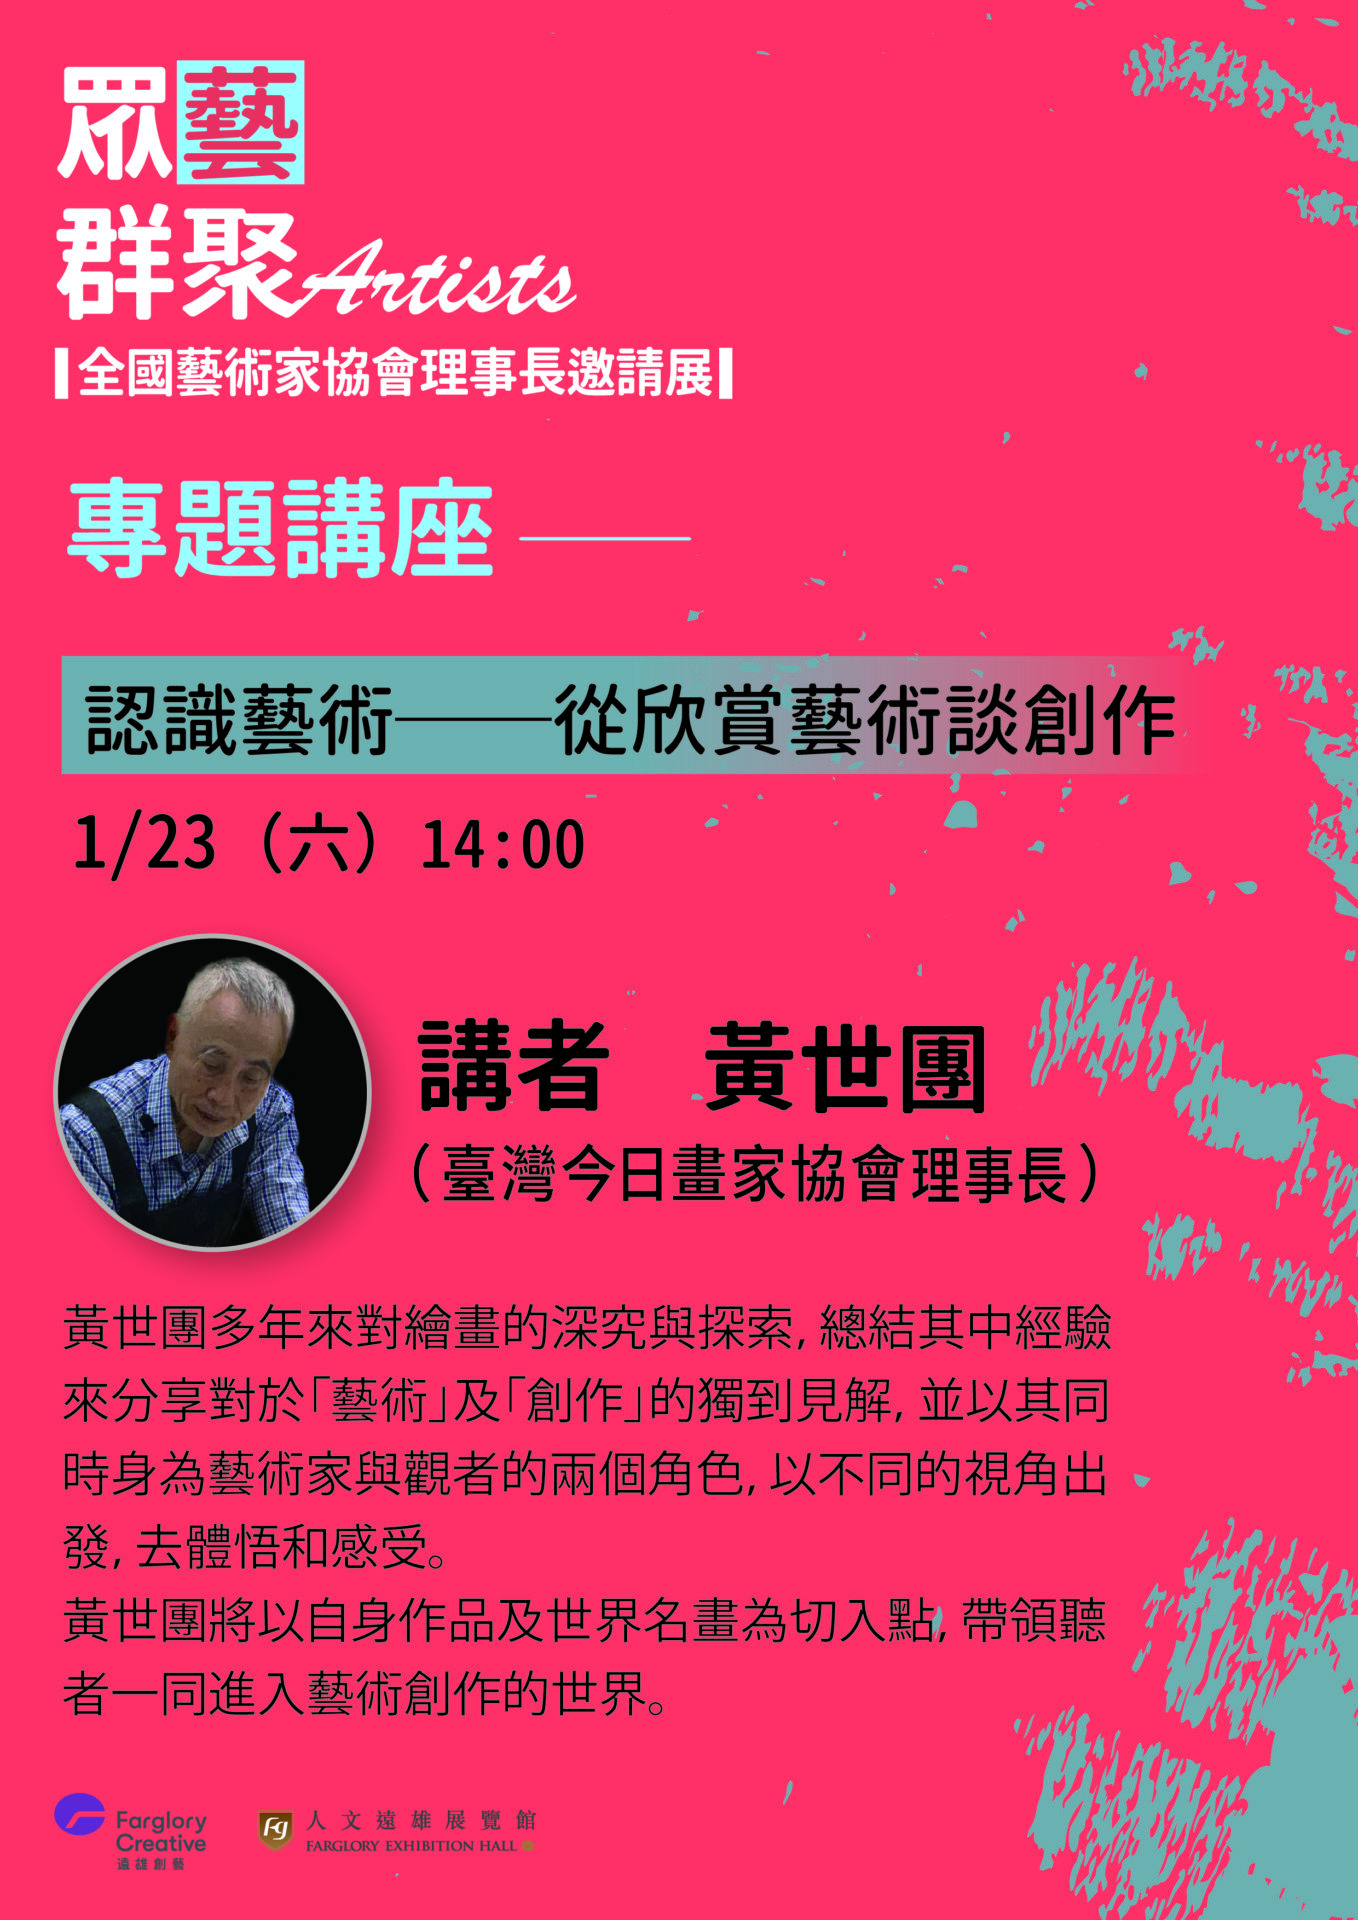 人文遠雄展覽館:2021/1/23【《眾藝群聚》系列講座:認識藝術——從欣賞藝術看創作】